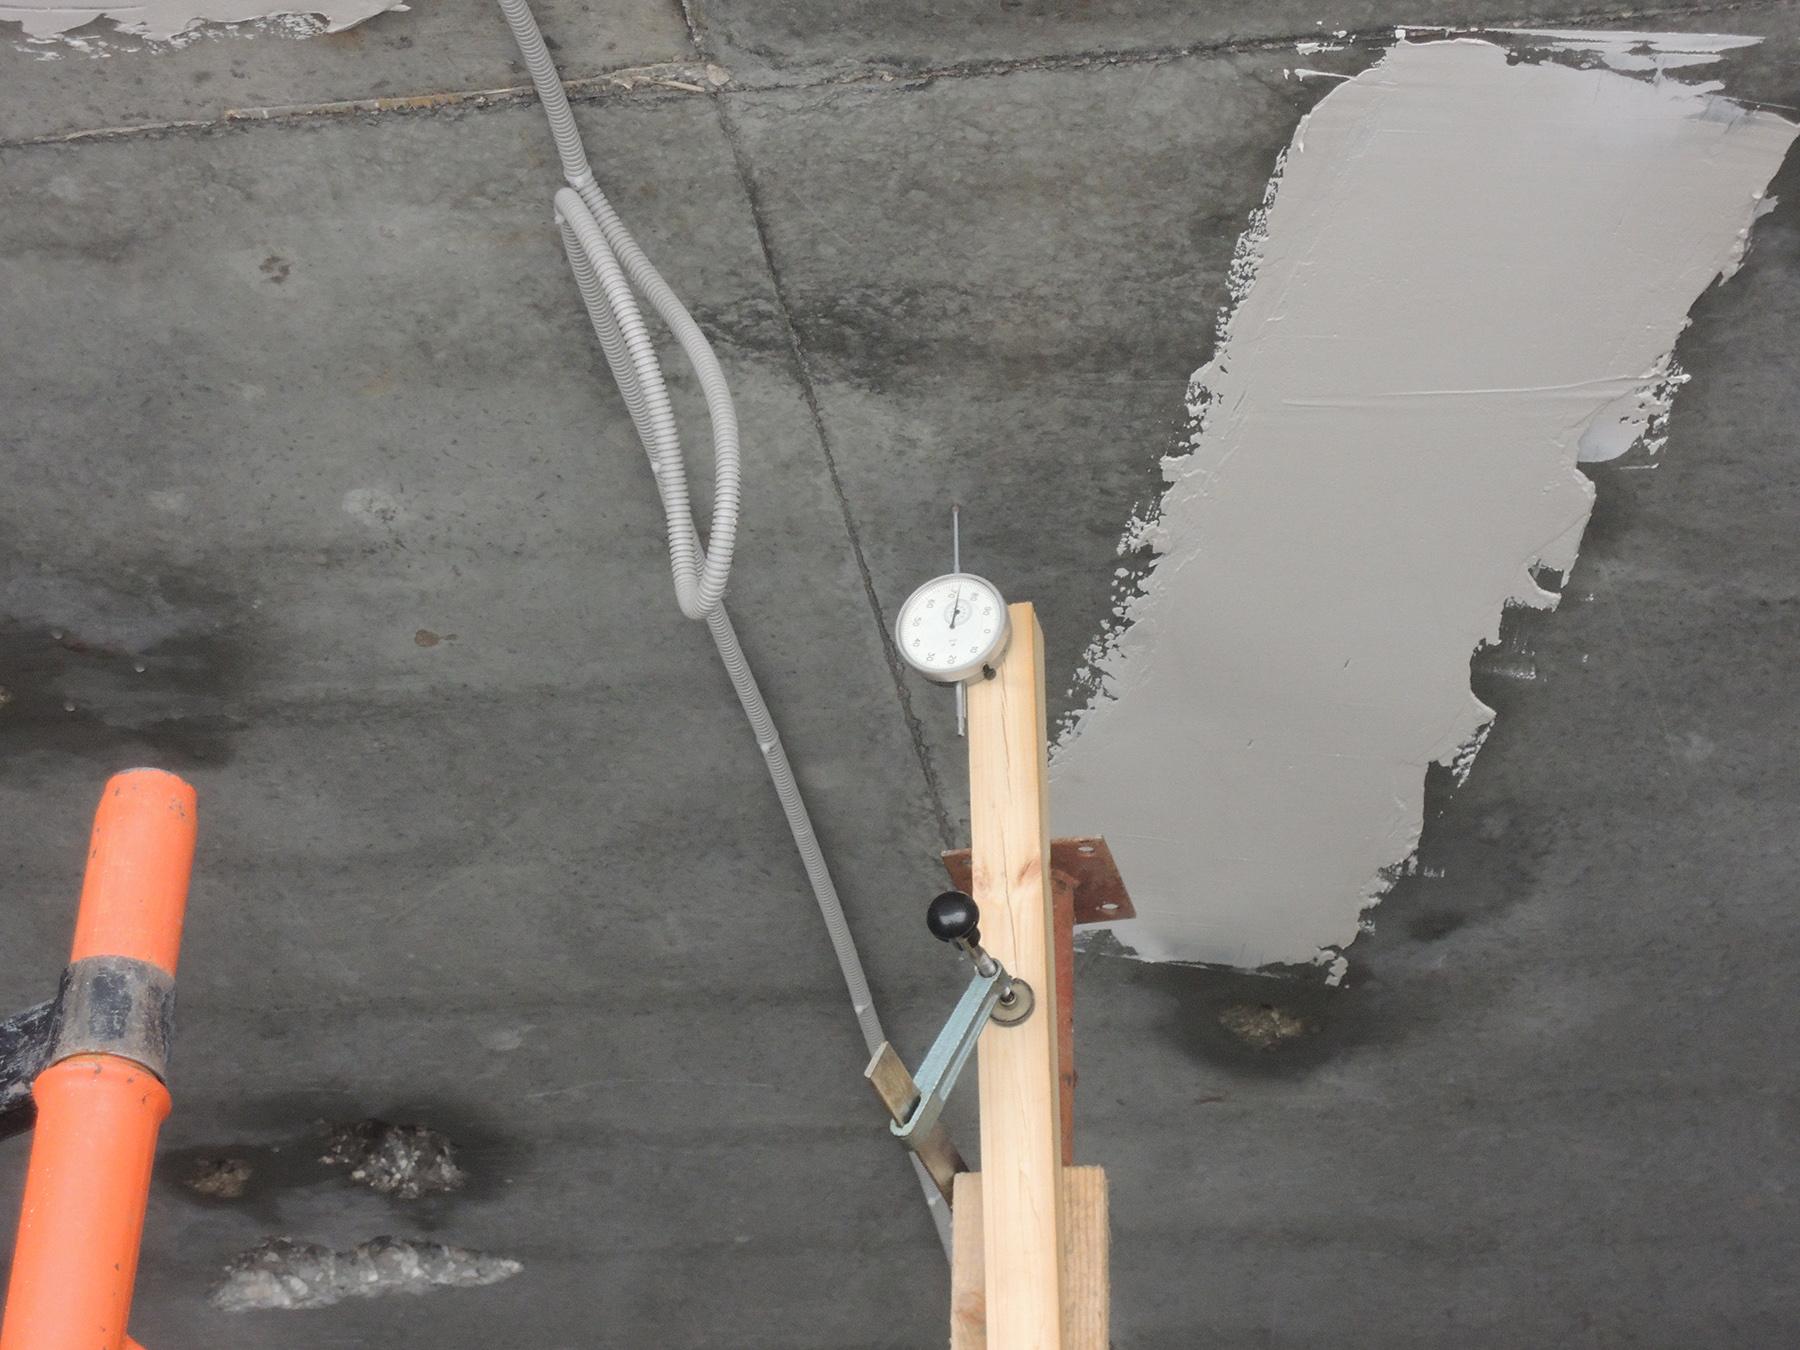 Испытания строительных конструкций в Нефтеюганске